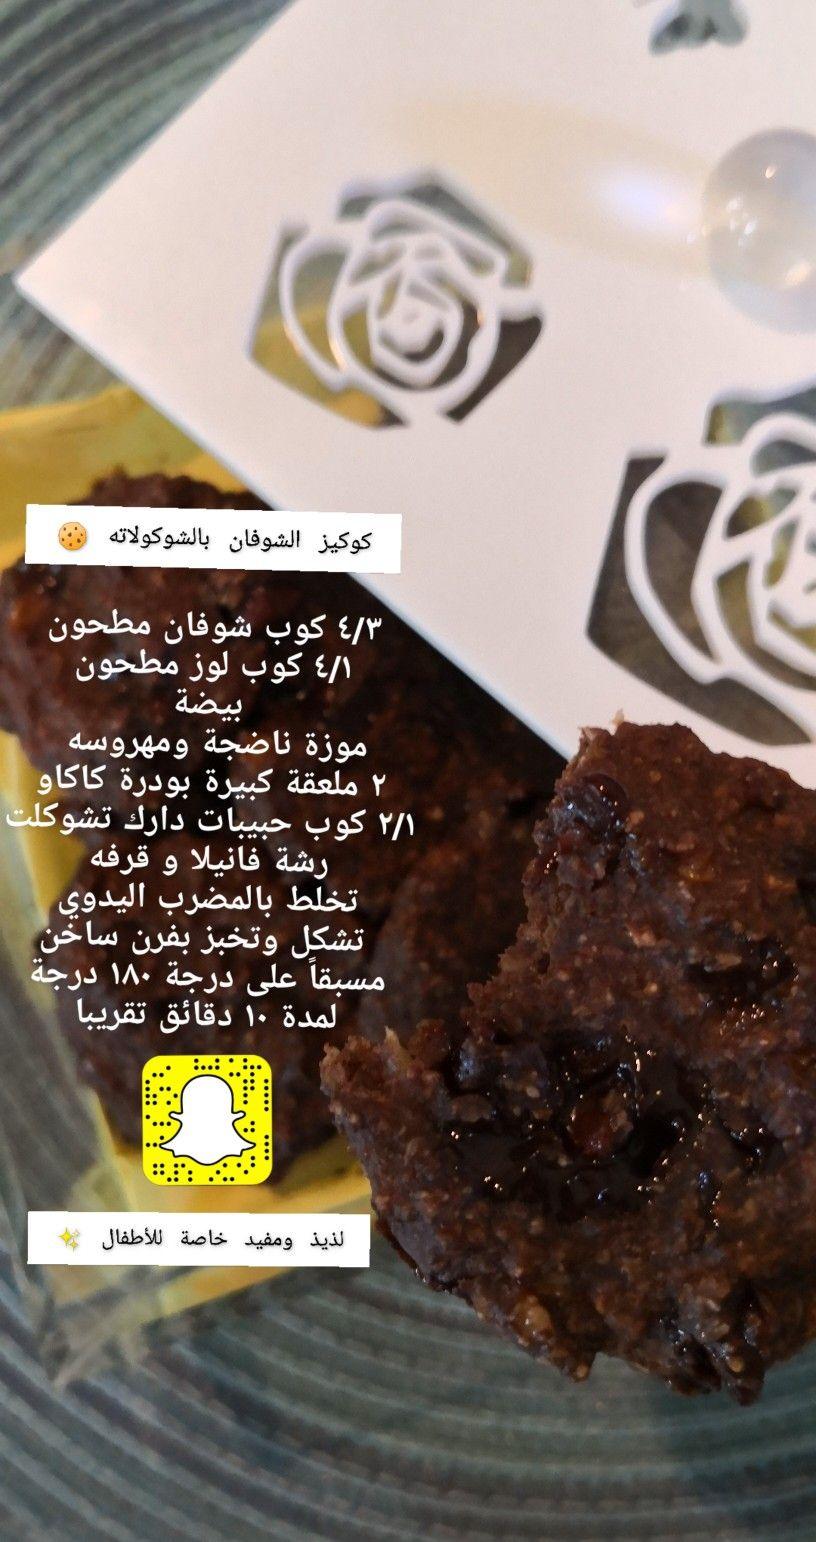 كوكيز الشوفان بالشوكولاته Healthy Chocolate Oats Cookies Food Snapchat Healty Food Creative Food